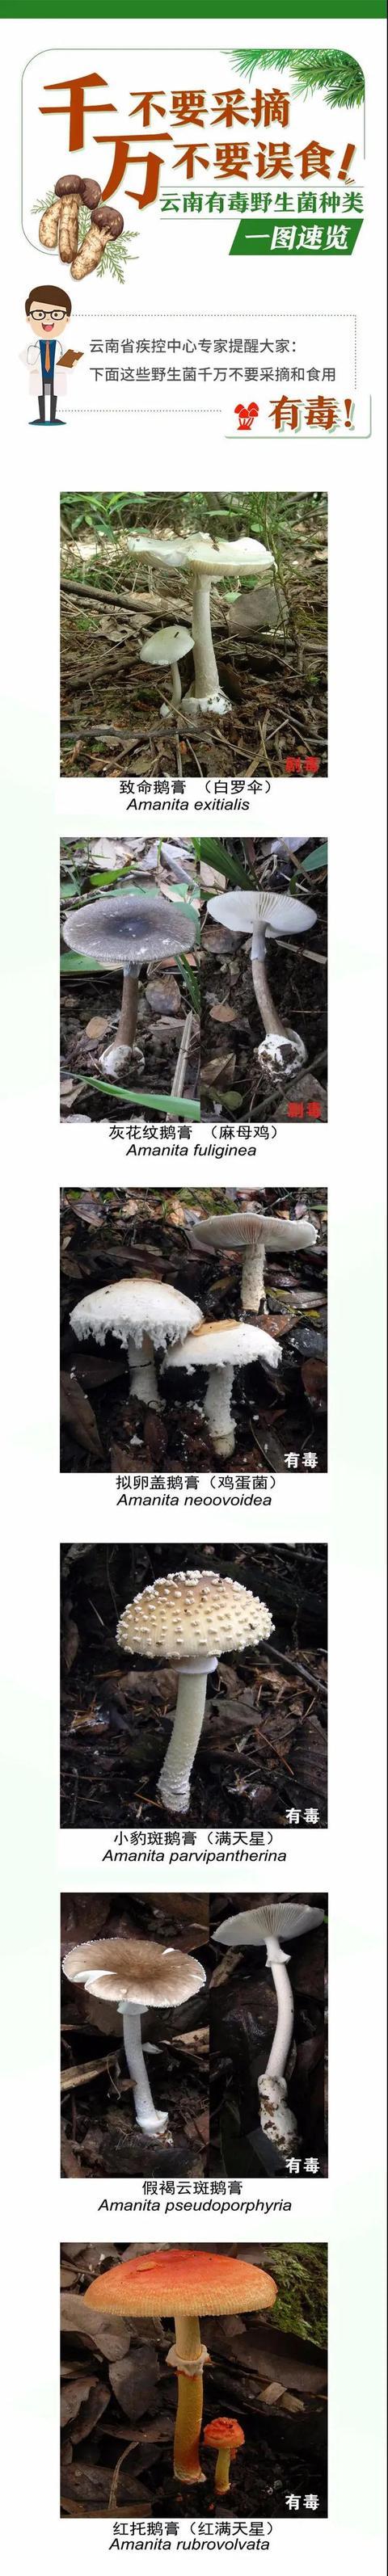 云南今年发生野生菌中毒事件273起致12死,这份吃菌手册请收好